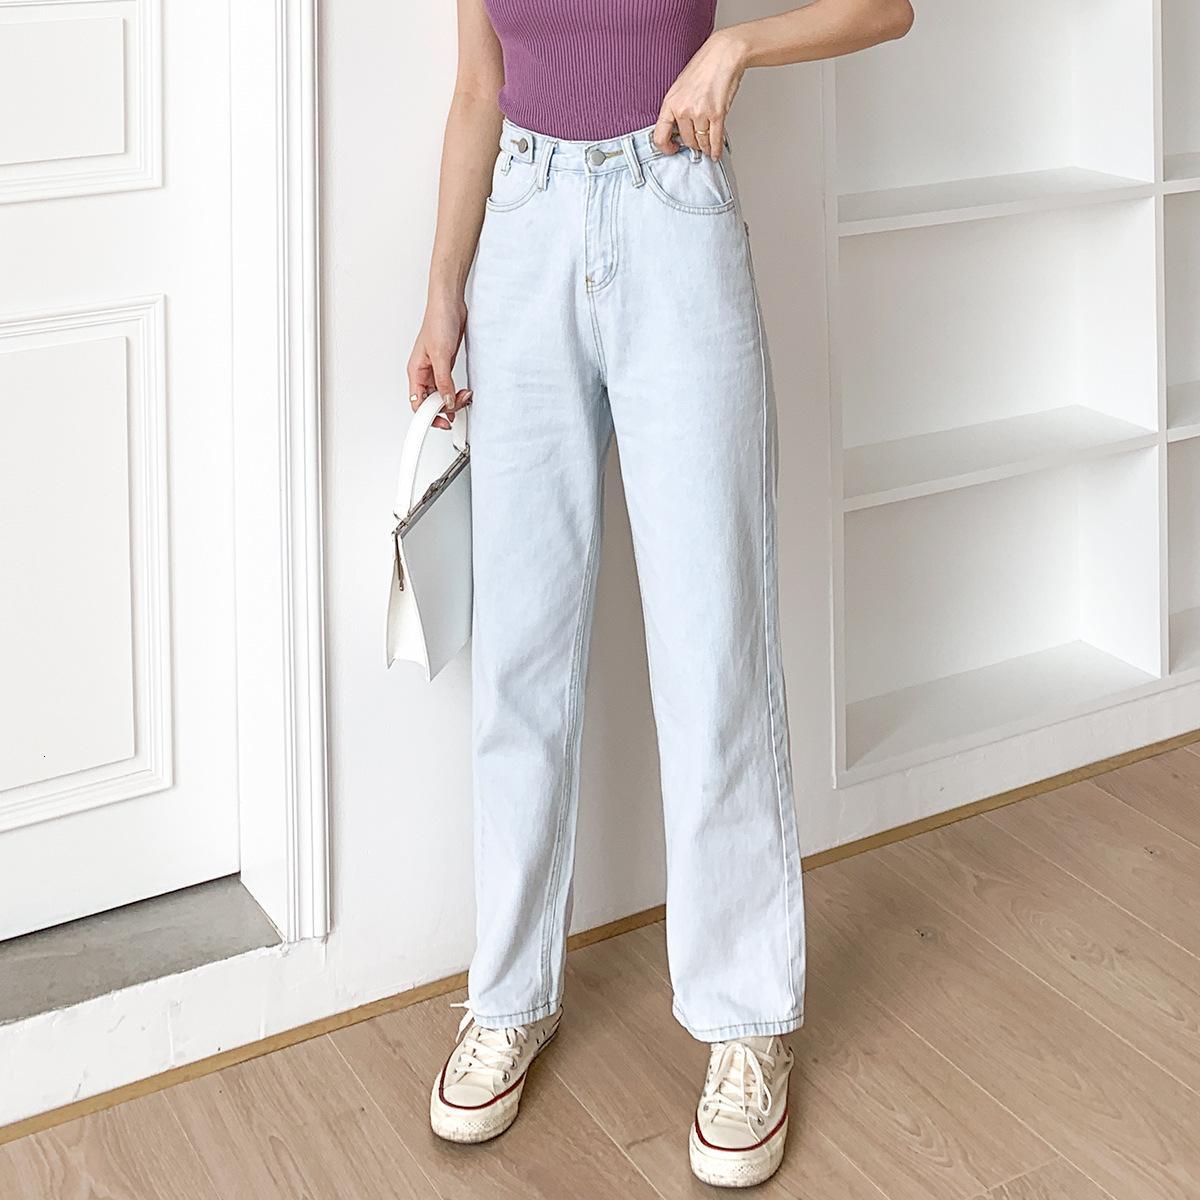 2021 mujeres calzones de invierno caliente pelo de cintura grueso dentro de la noventa longitud denim pantalones brem pantalón 8vcn